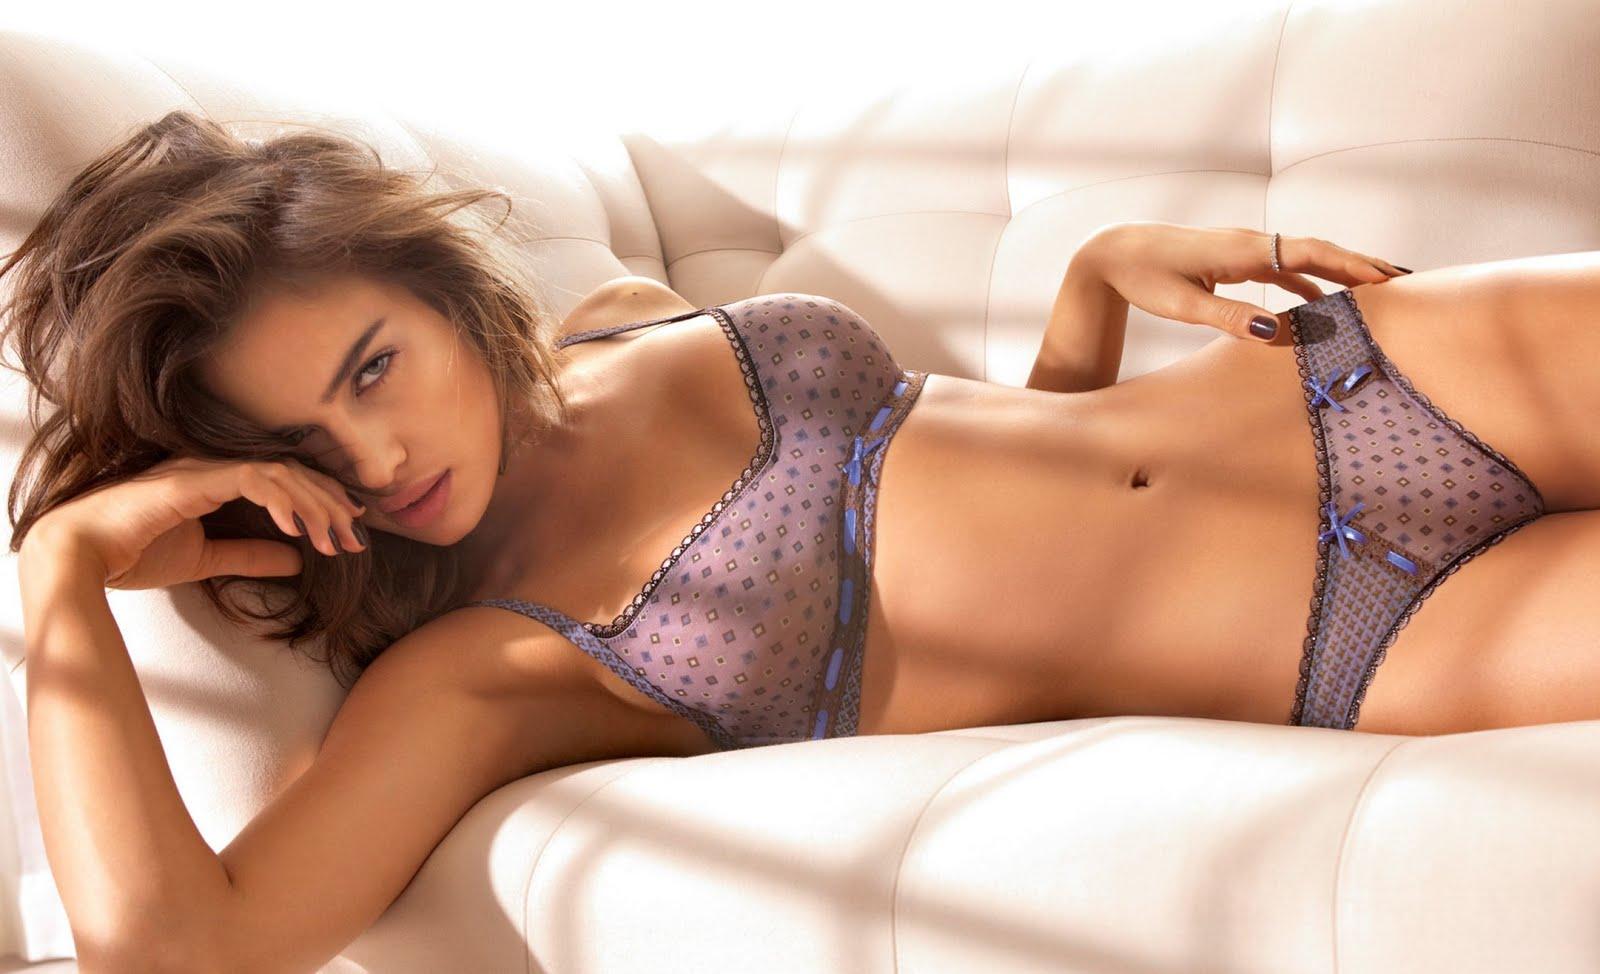 Поррно красивое дамское белье фильм онлайн жену вдвоем порно